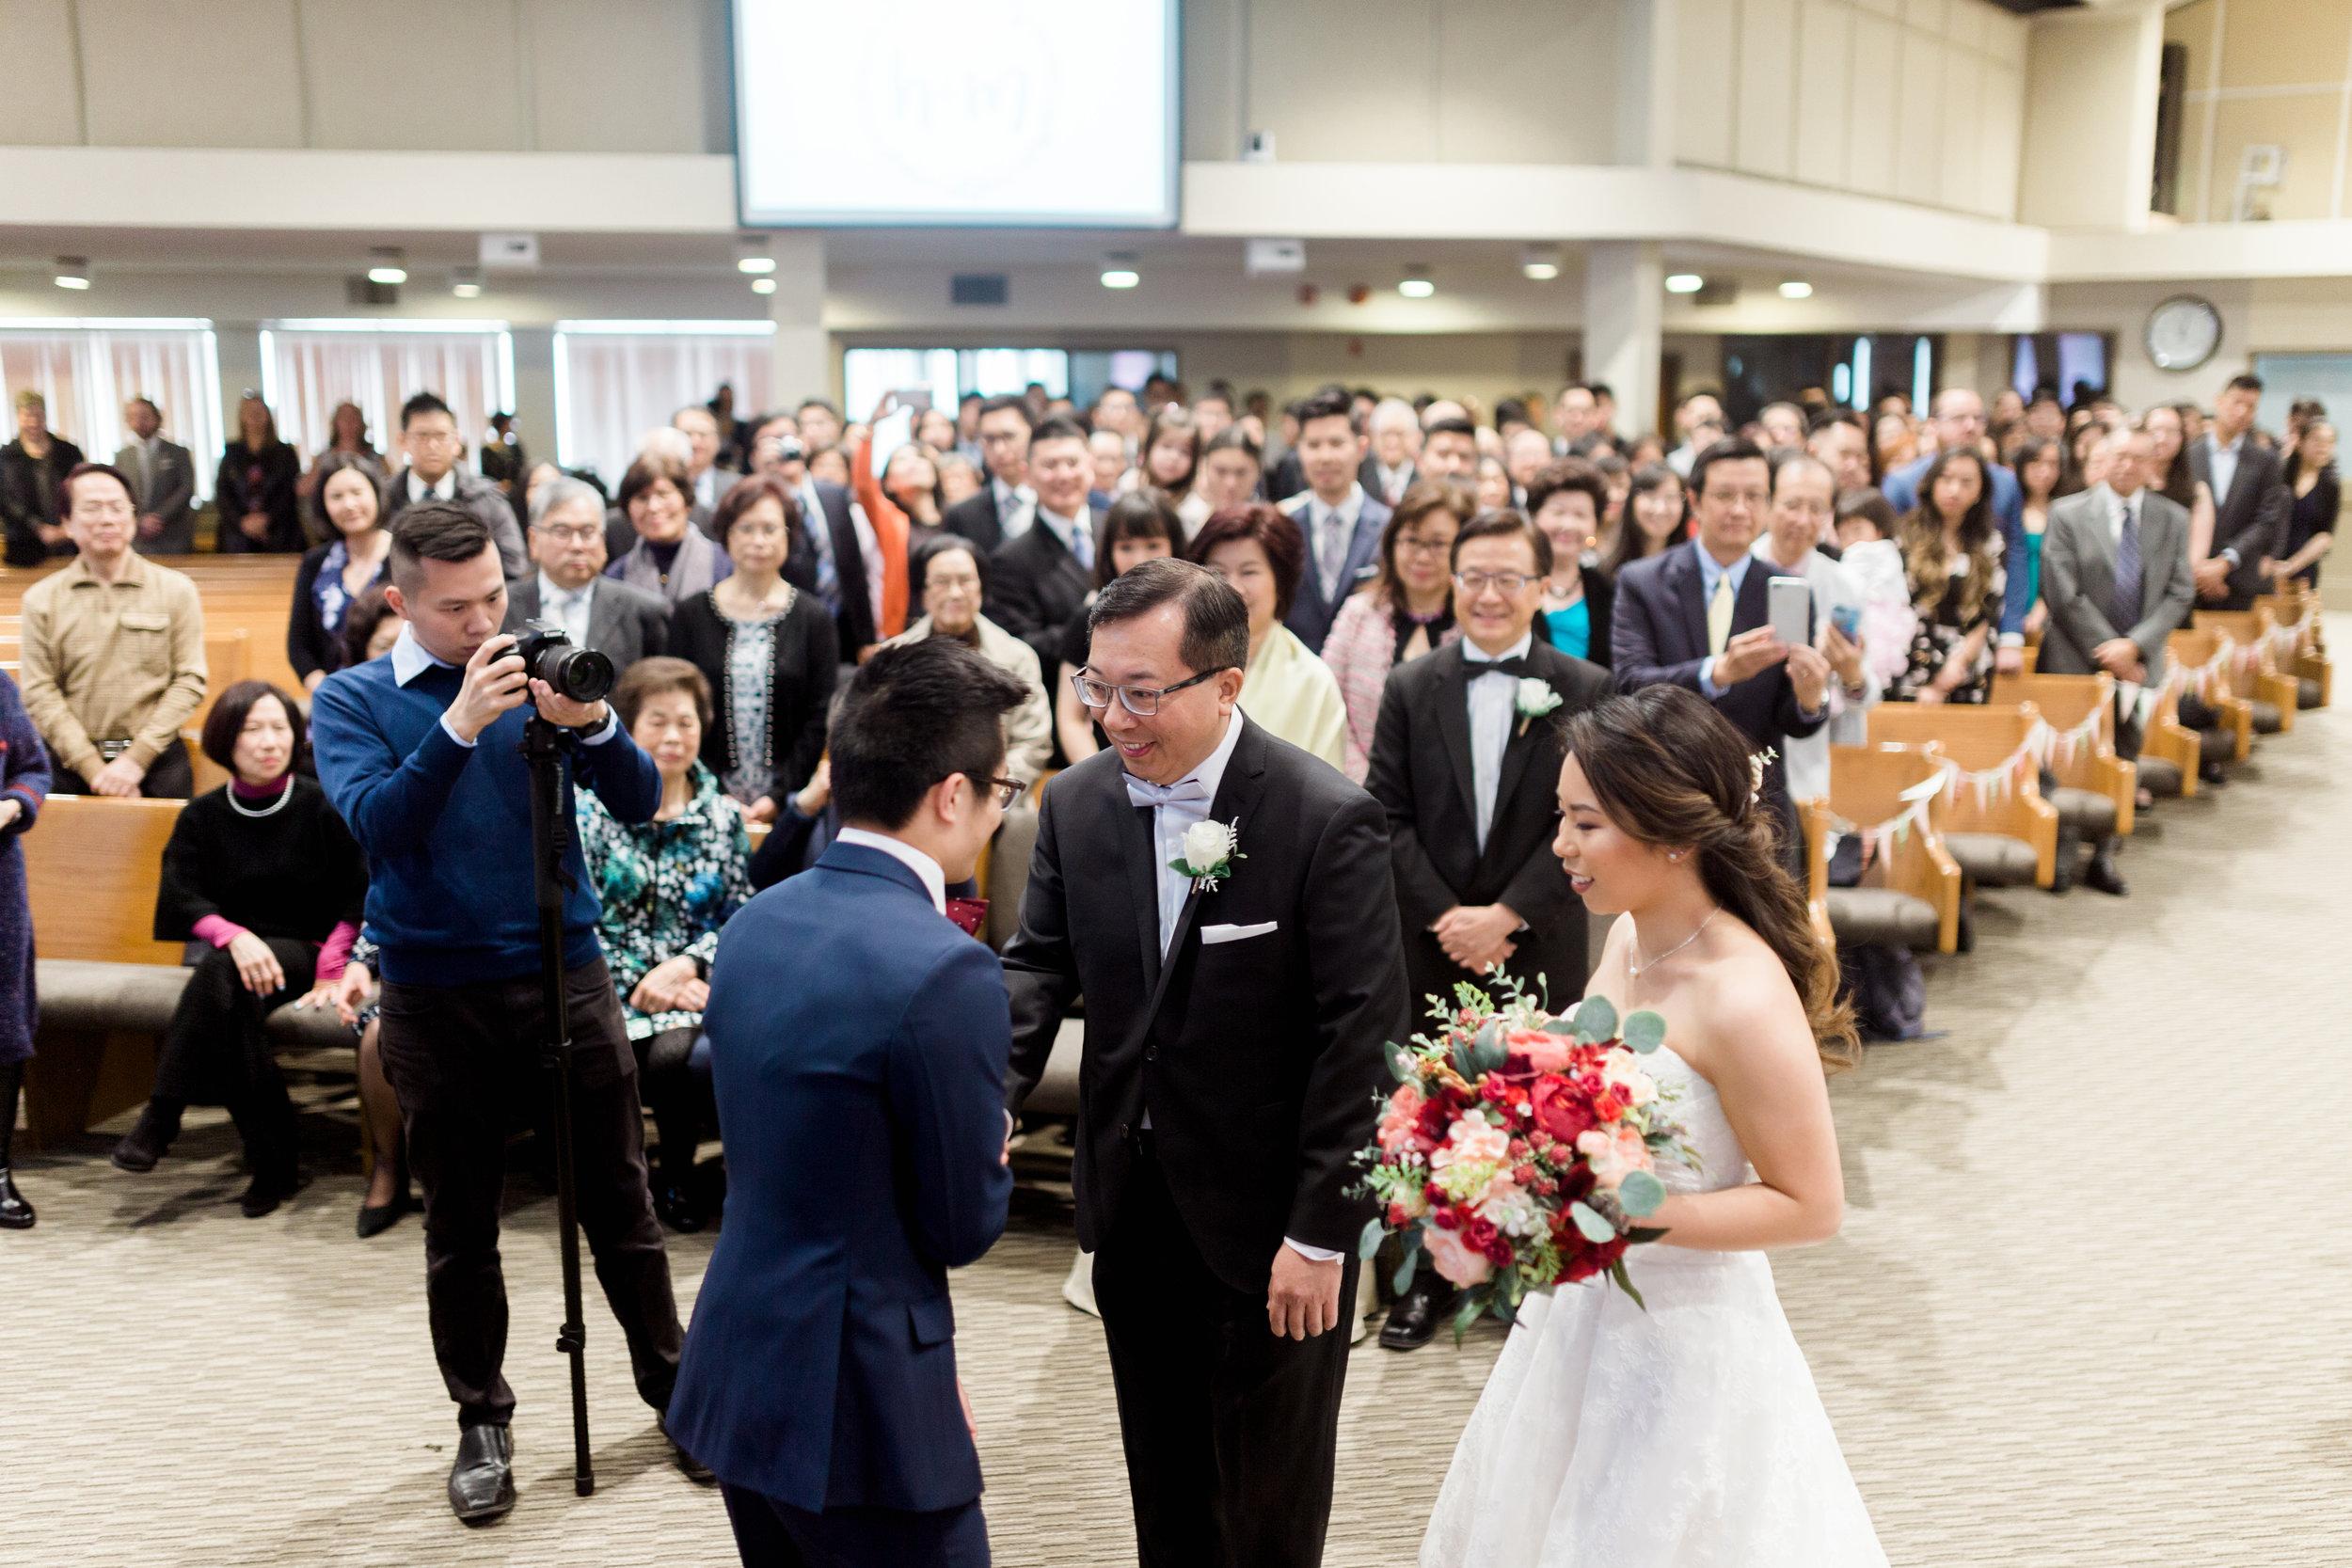 RHCCC Wedding-Ceremony-36.jpg